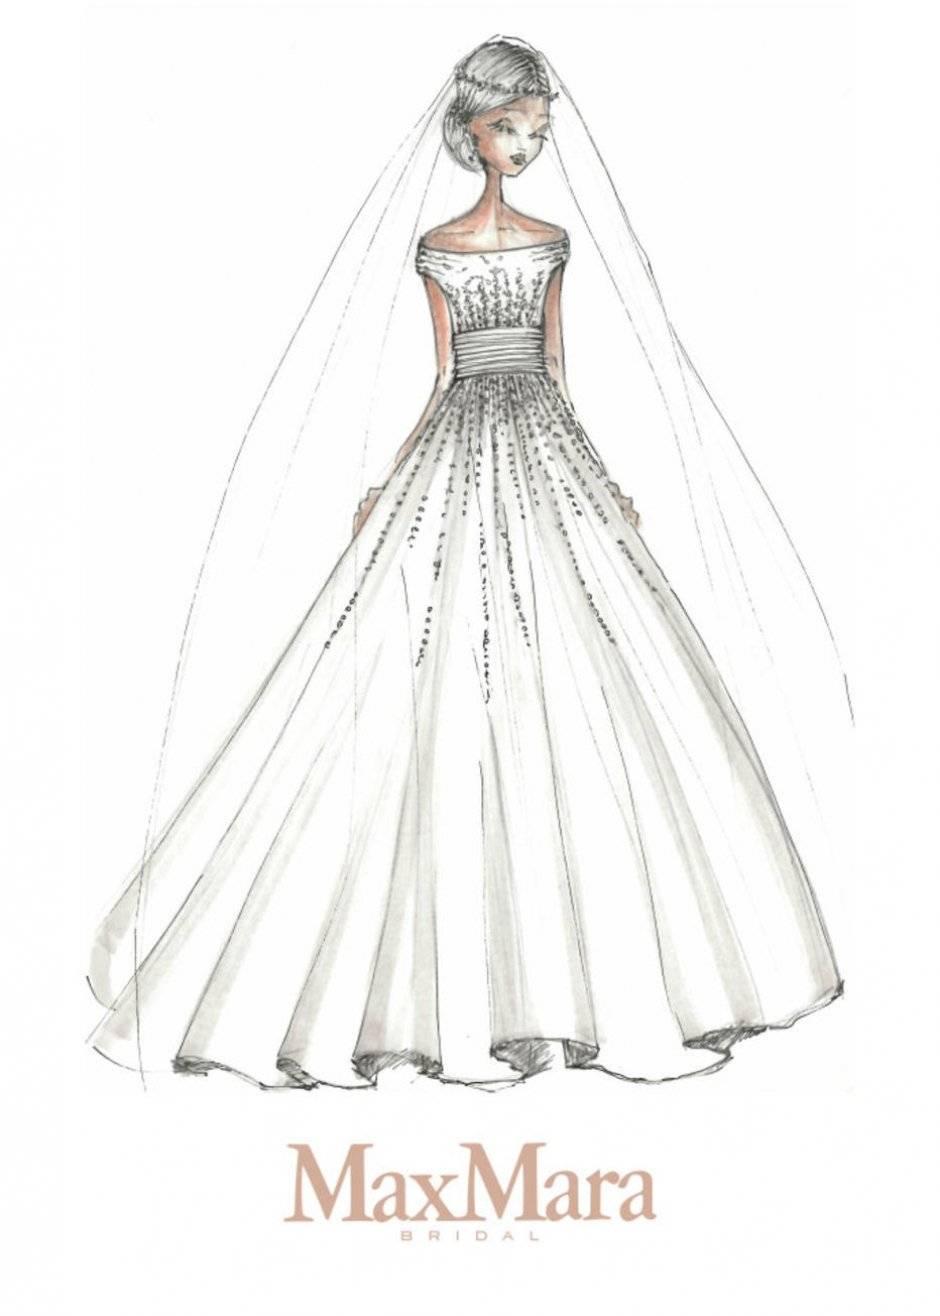 Max Mara sugere um estilo clássico princesa para a futura duquesa: vestido acinturado, com saia volumosa, com muitos bordados e ombros de fora Divulgação/WWD